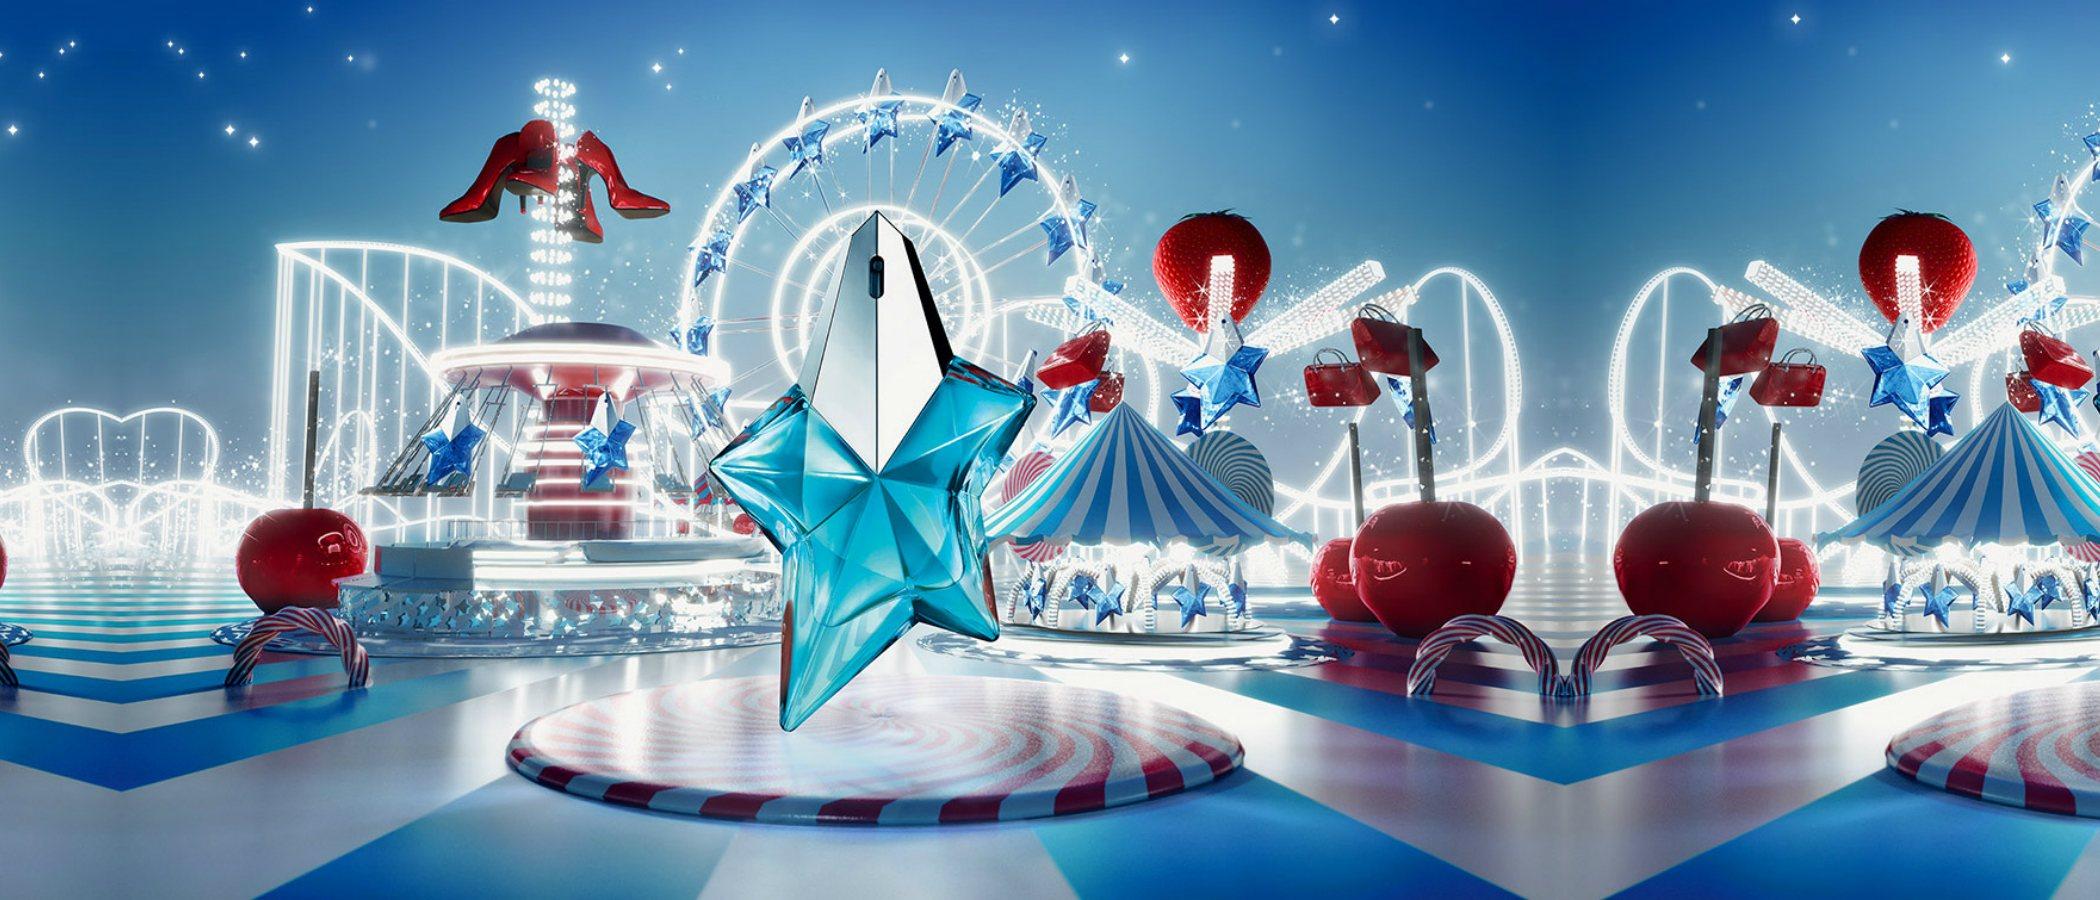 'Angel Fruity Fair', la nueva fragancia femenina de Thierry Mugler